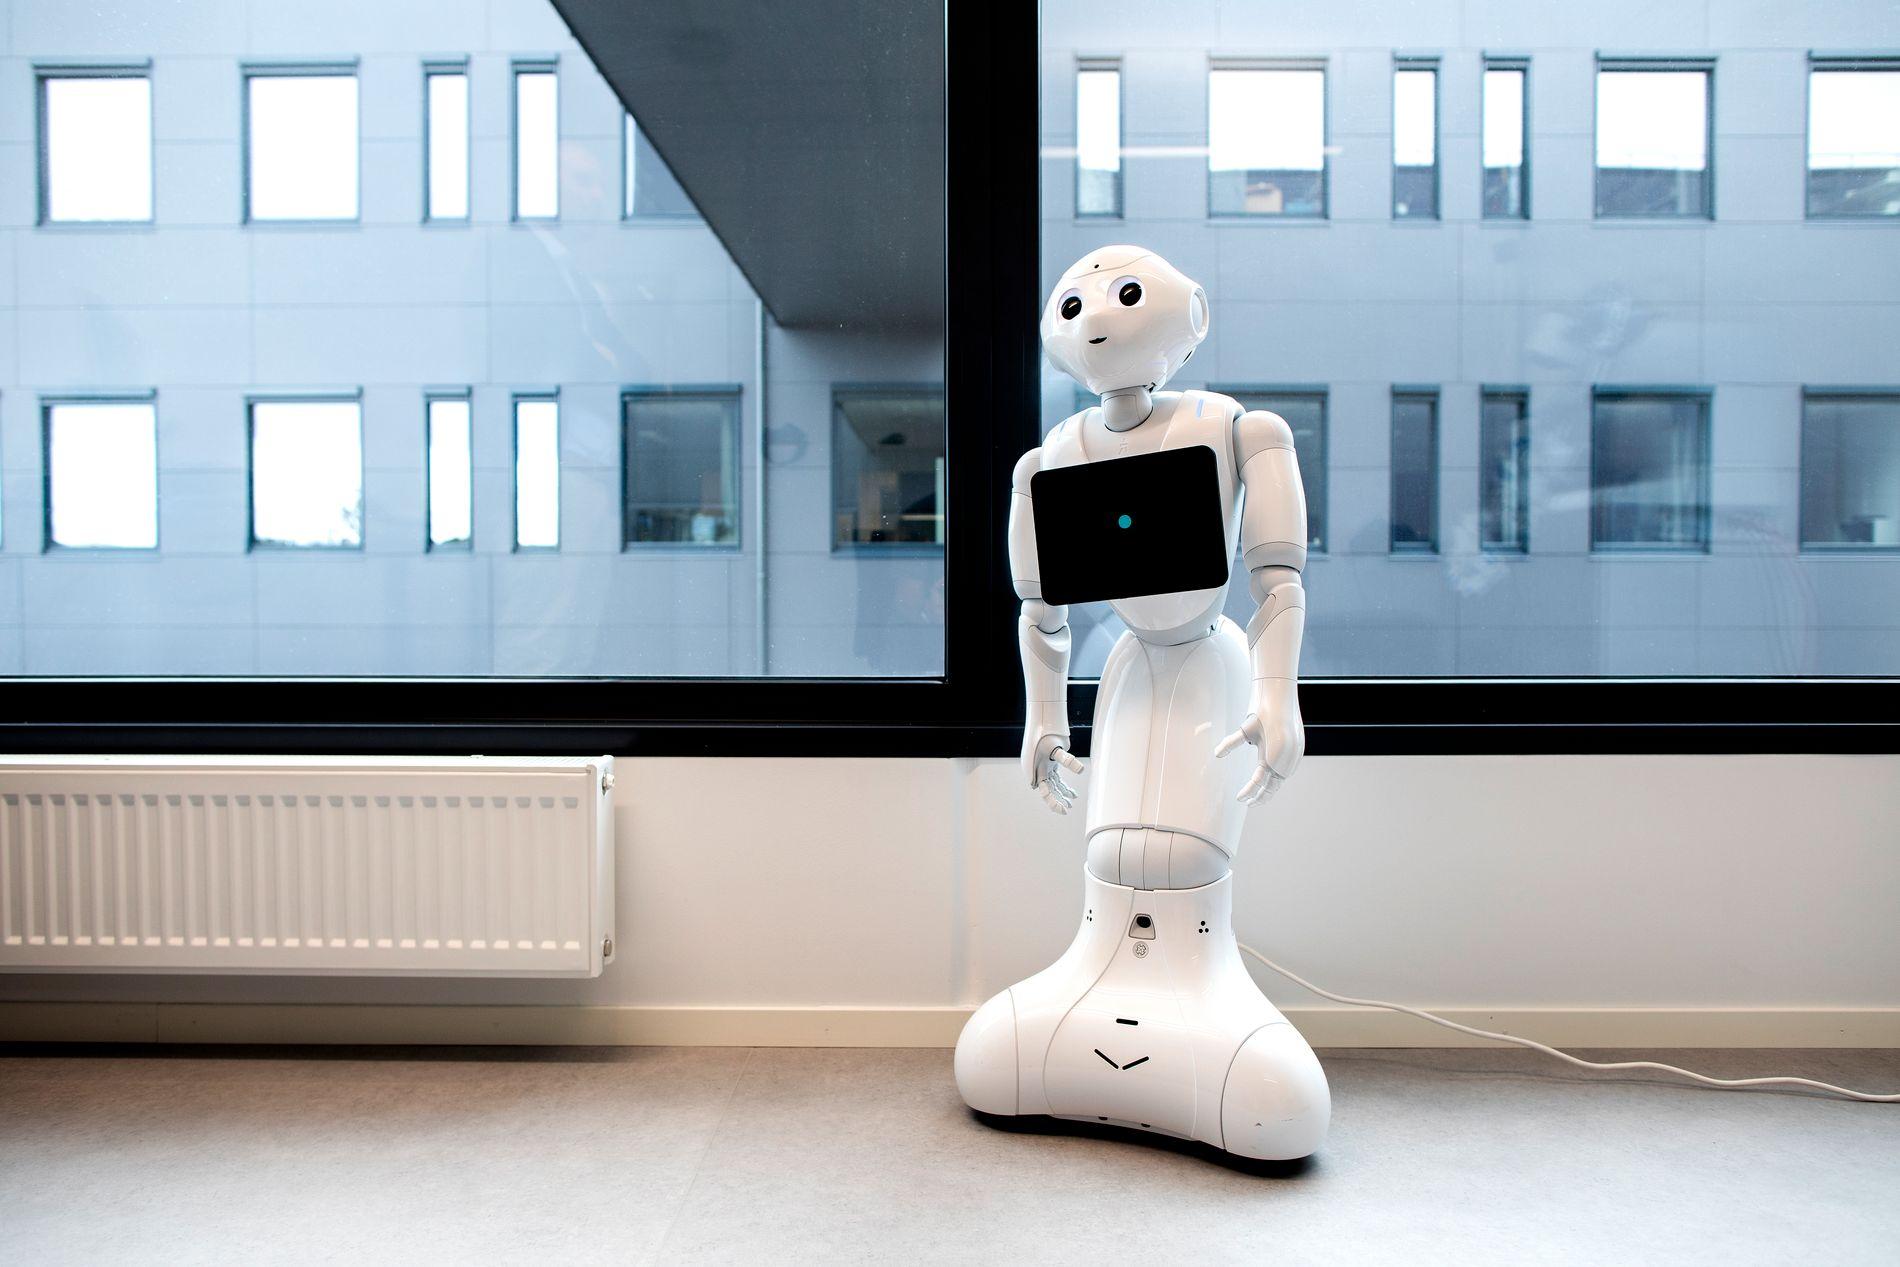 ROBOTVENN: Dette er Pepper, en robot som i fremtiden kan være sammen med pasienten, kommunisere med eldre og være en venn. Den kan snakke og forstår kroppsspråk. I fremtiden vil den også kunne tolke følelser.